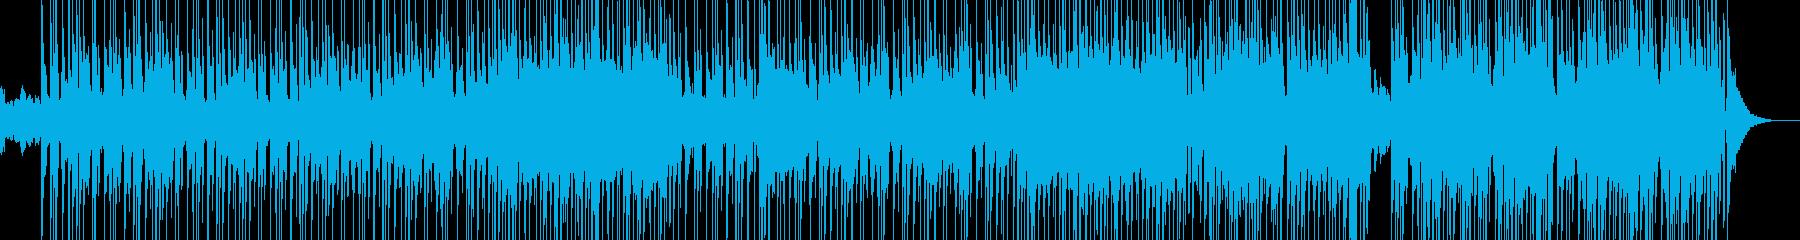 しっとり切ない雰囲気に・R&B Lの再生済みの波形